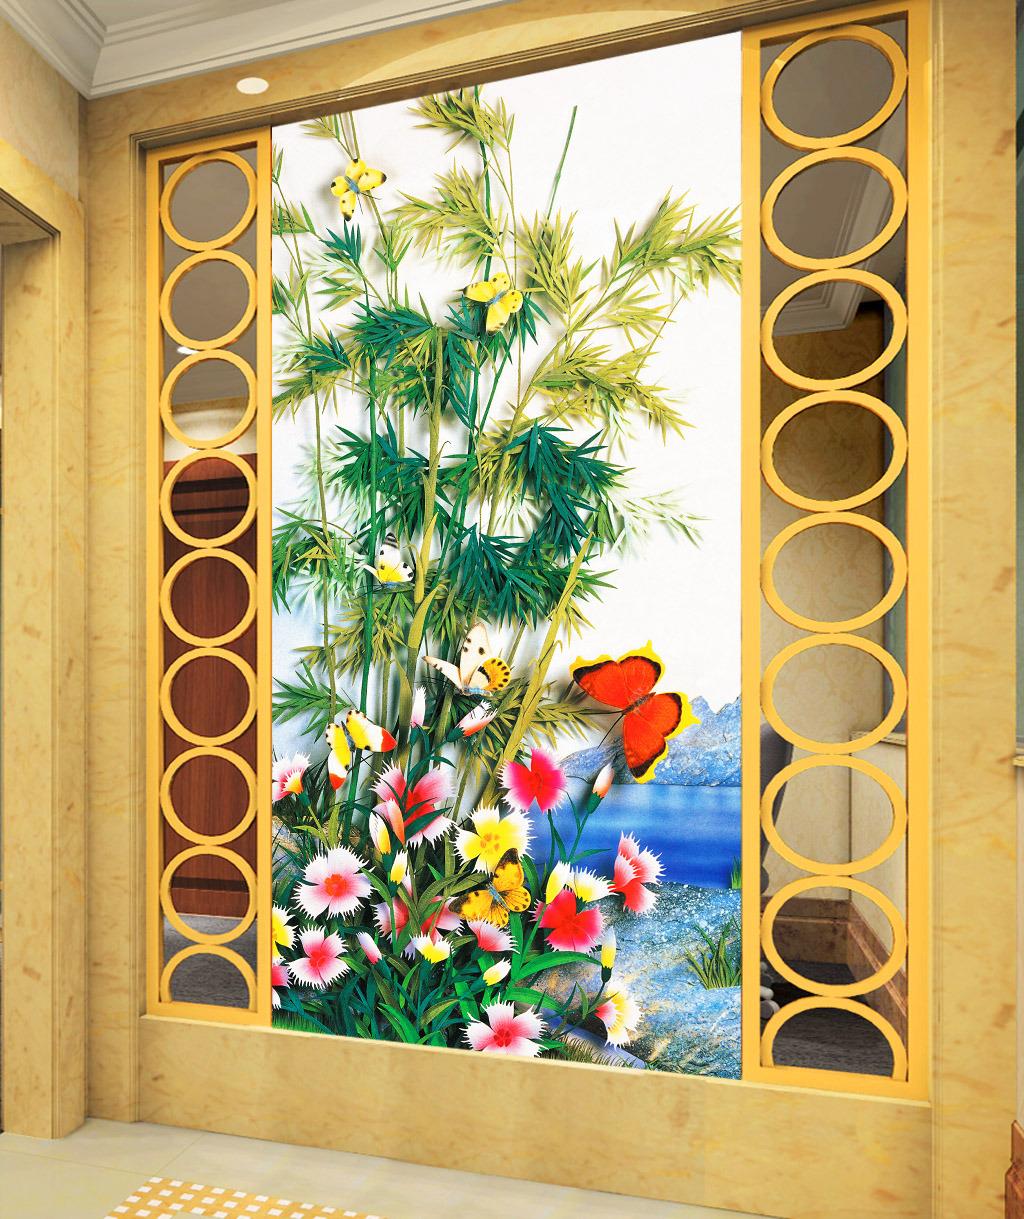 绿竹雅庭花开富贵工笔画手绘立体玄关装饰画